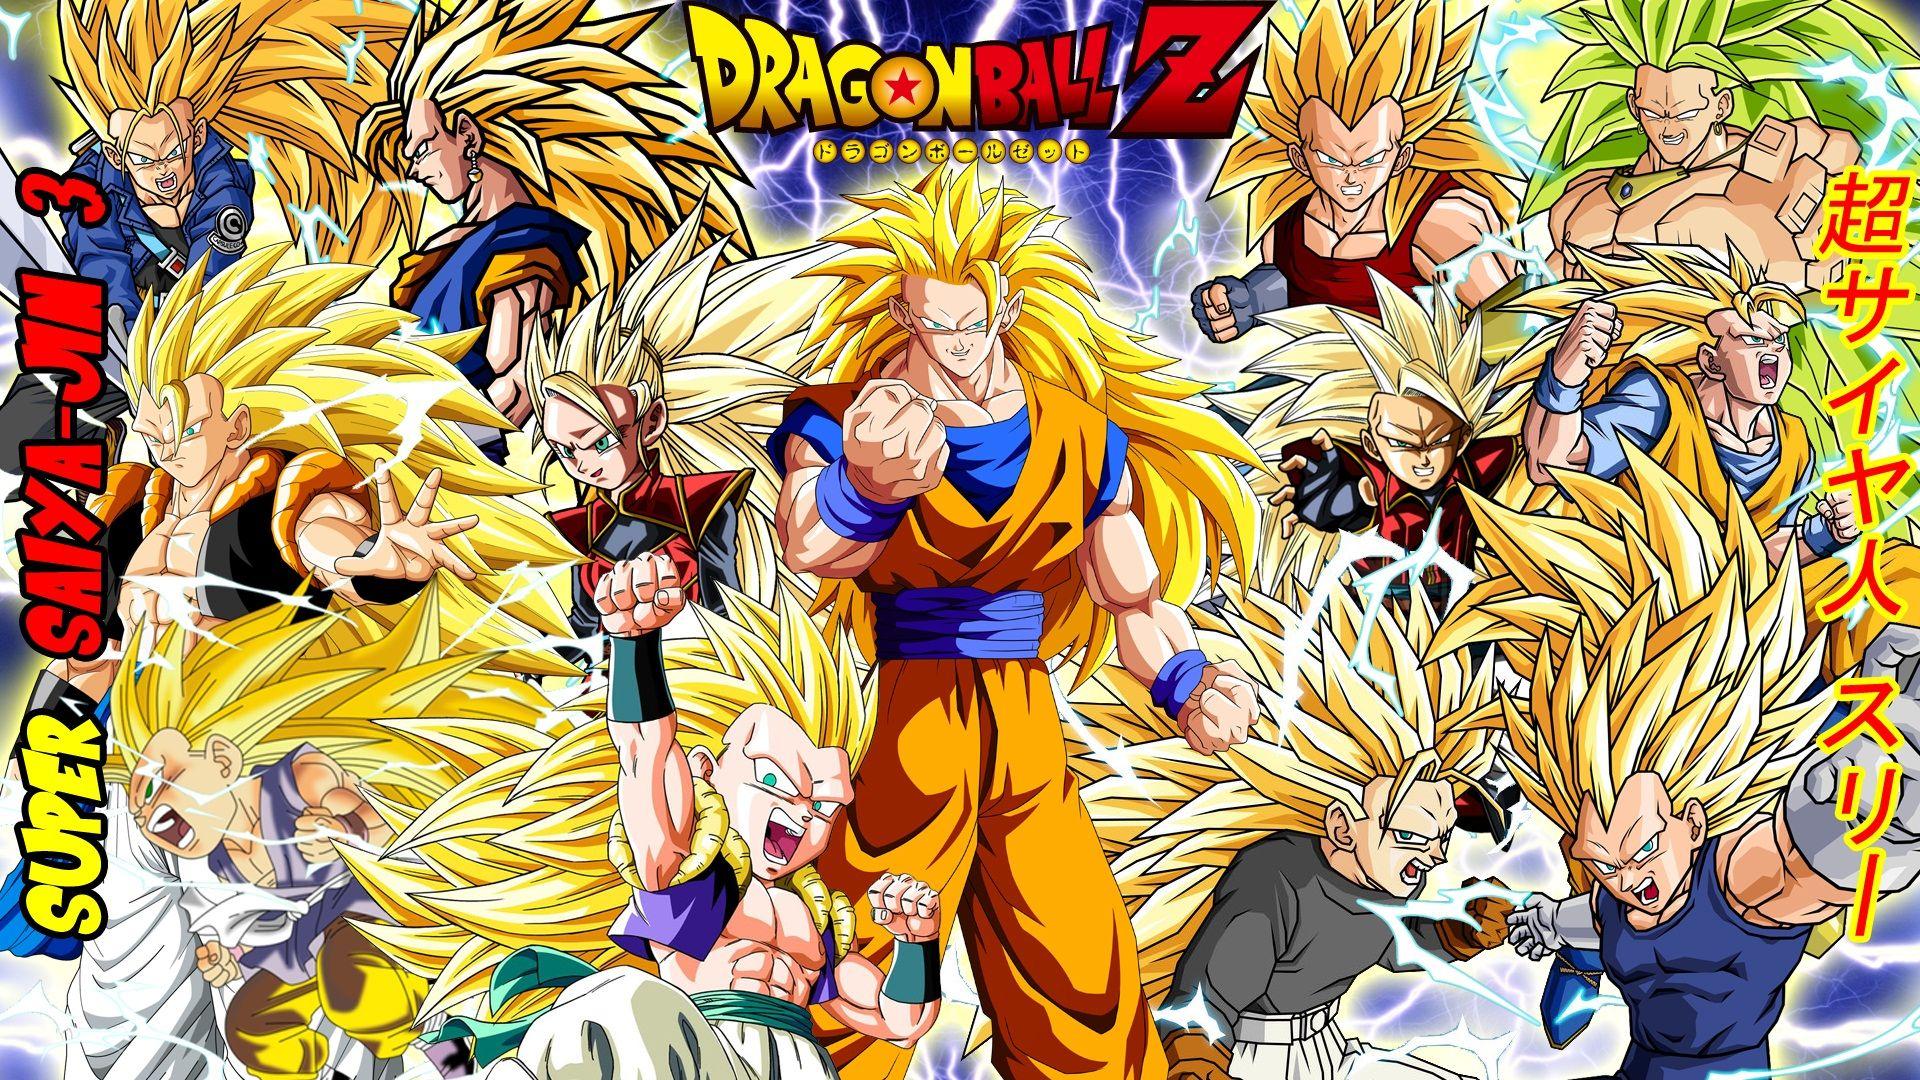 Hd wallpaper dragon ball - Images Of Dragon Ball